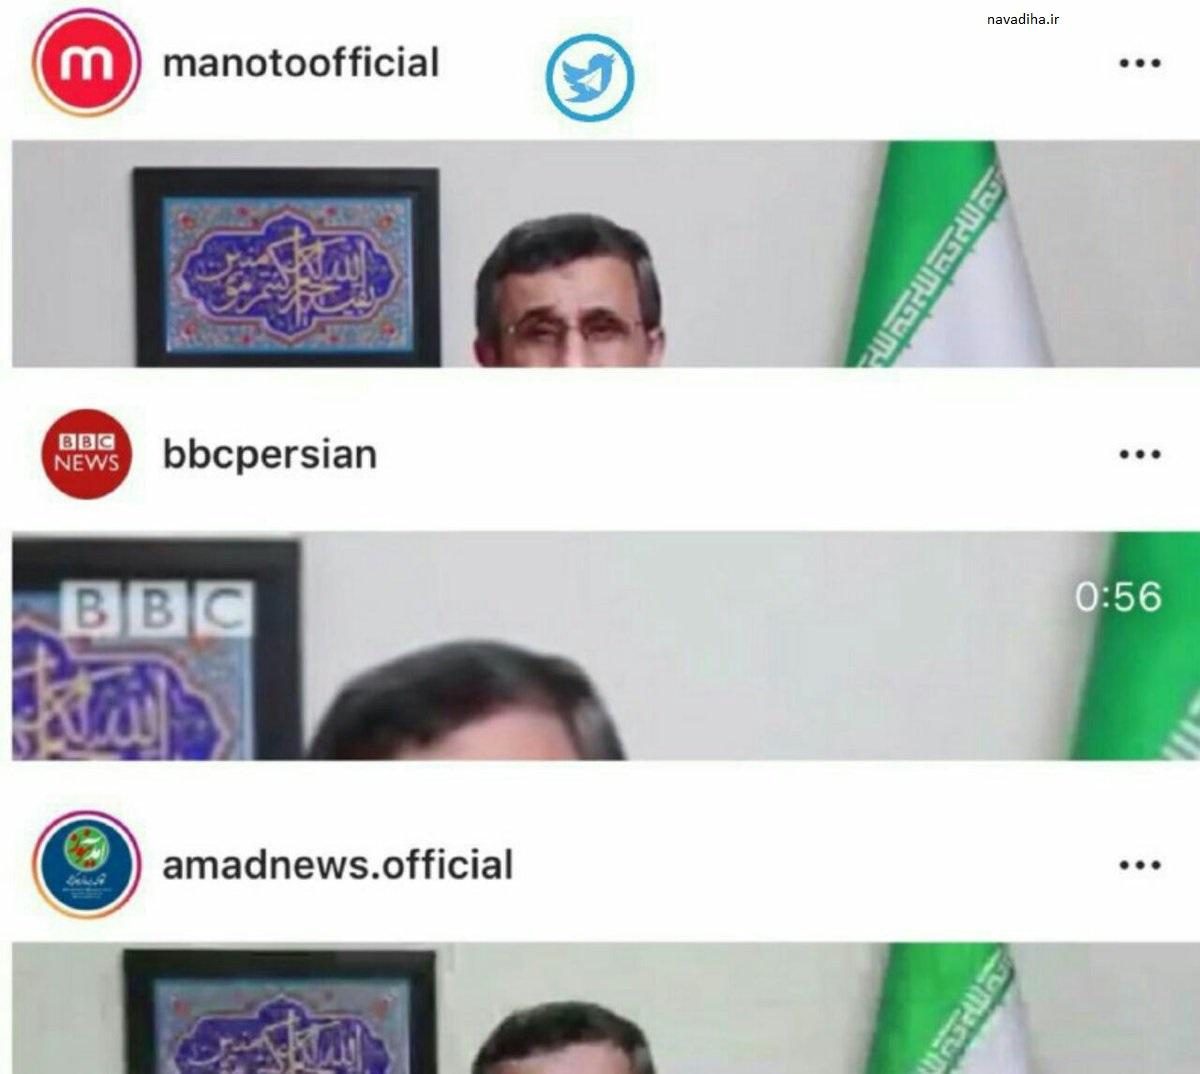 عکس بسیار پر معنی و گویا از این روزهای احمدی نژاد!